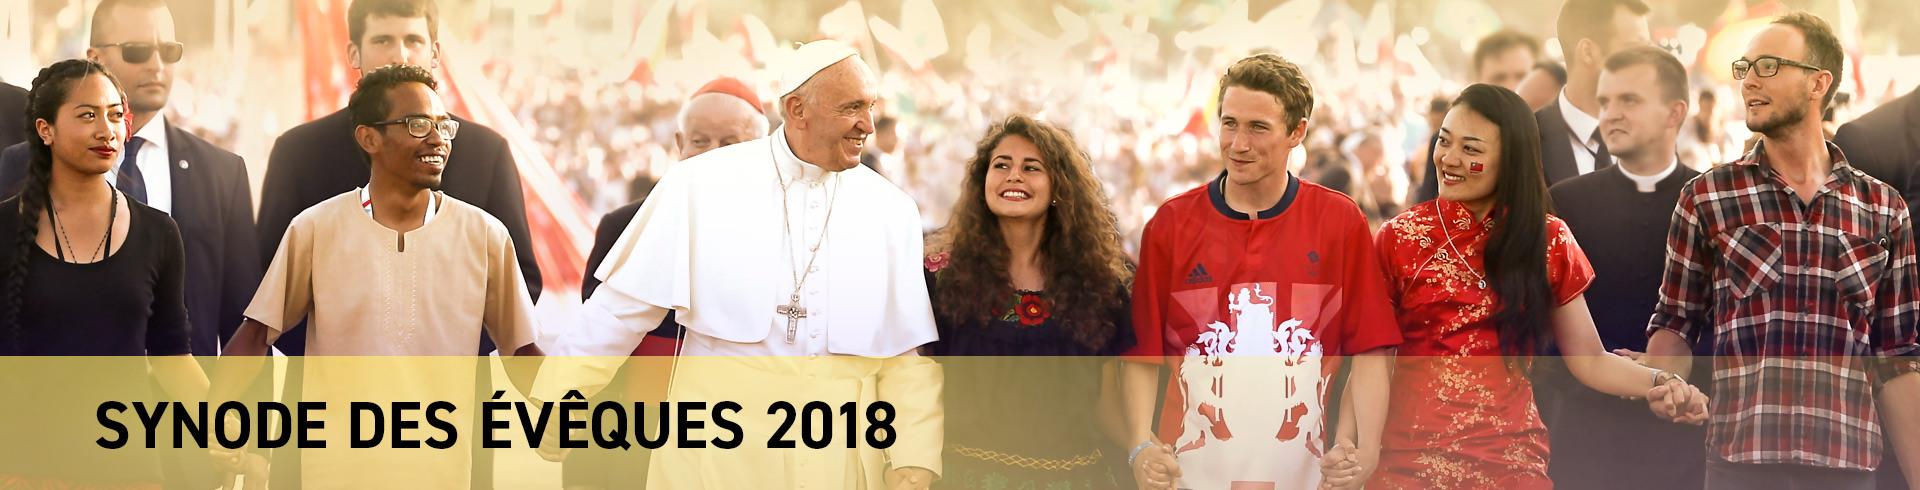 Synode Des évêques 2018